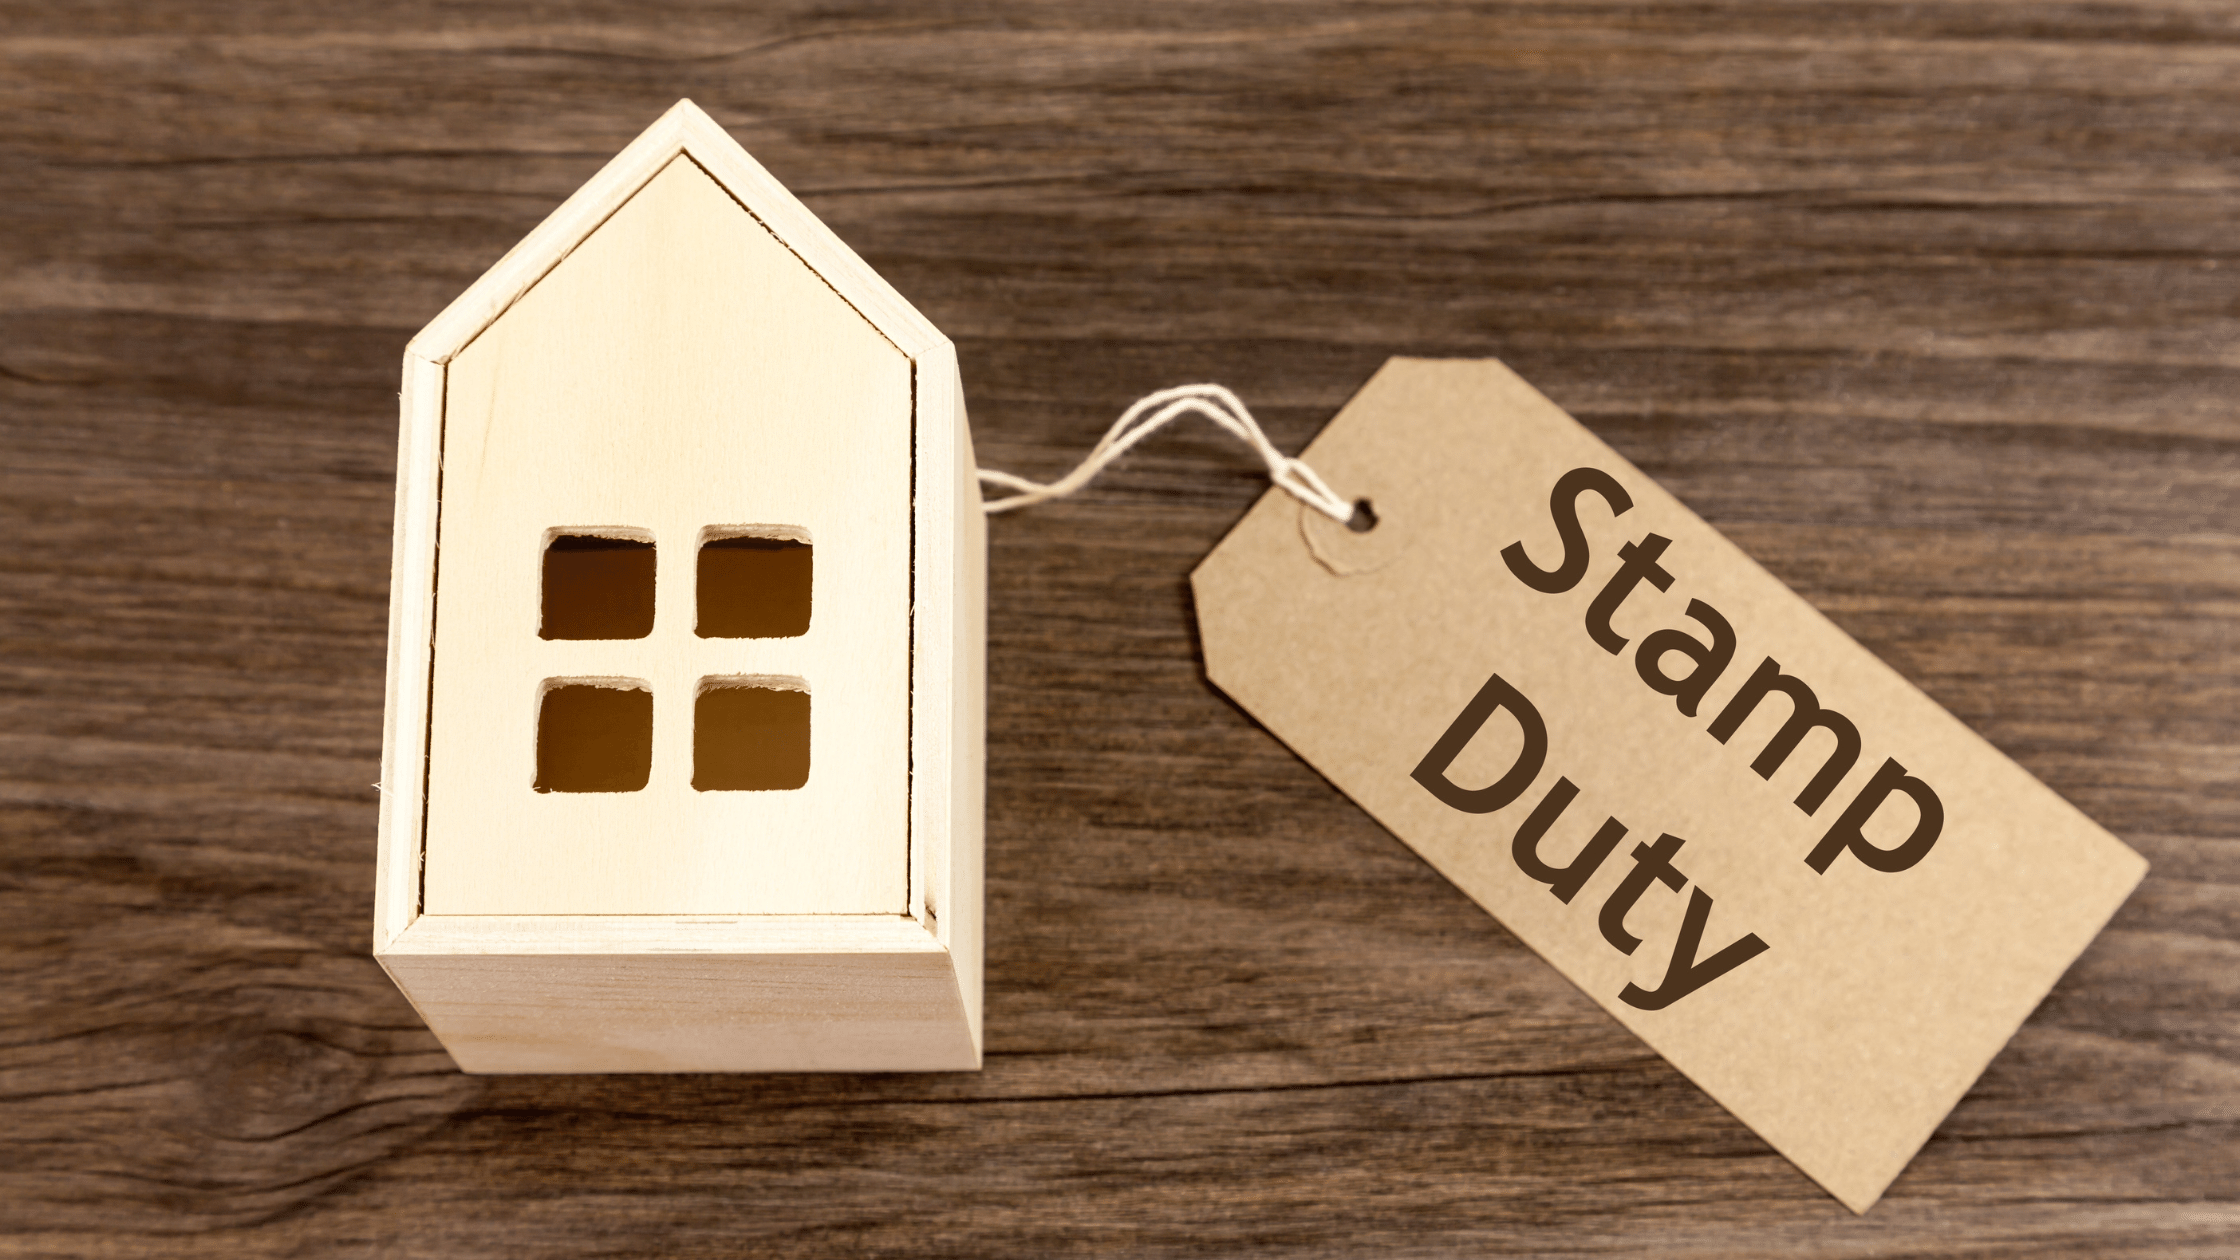 increment in tax duty - HKWJ Tax Law